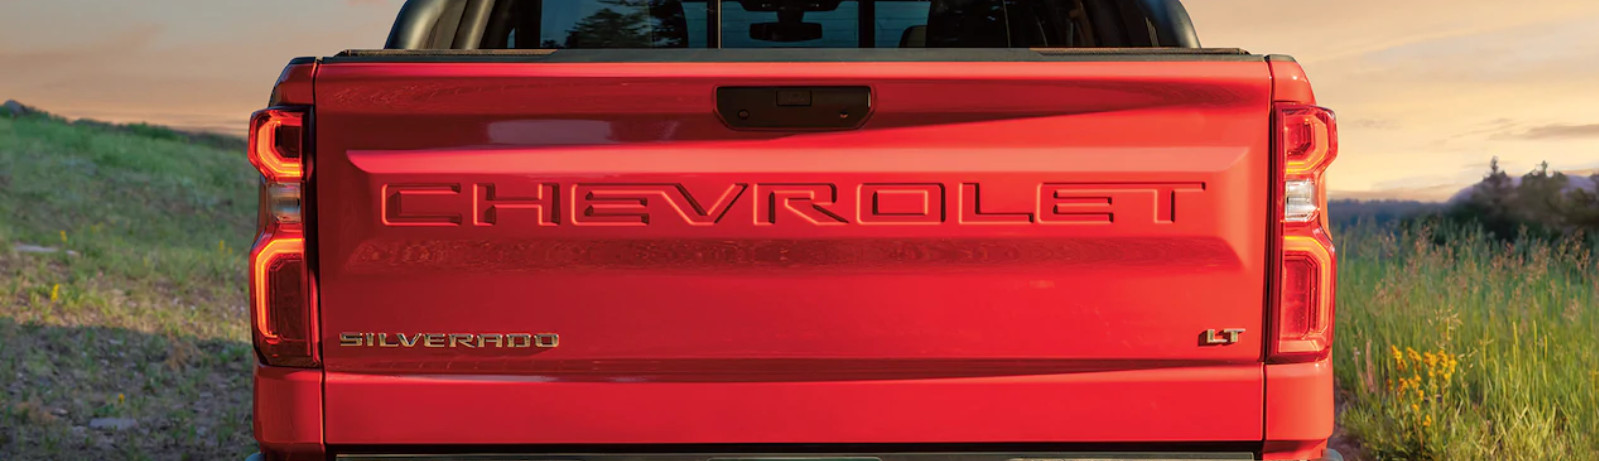 Tailgate of the 2020 Chevrolet Silverado 1500